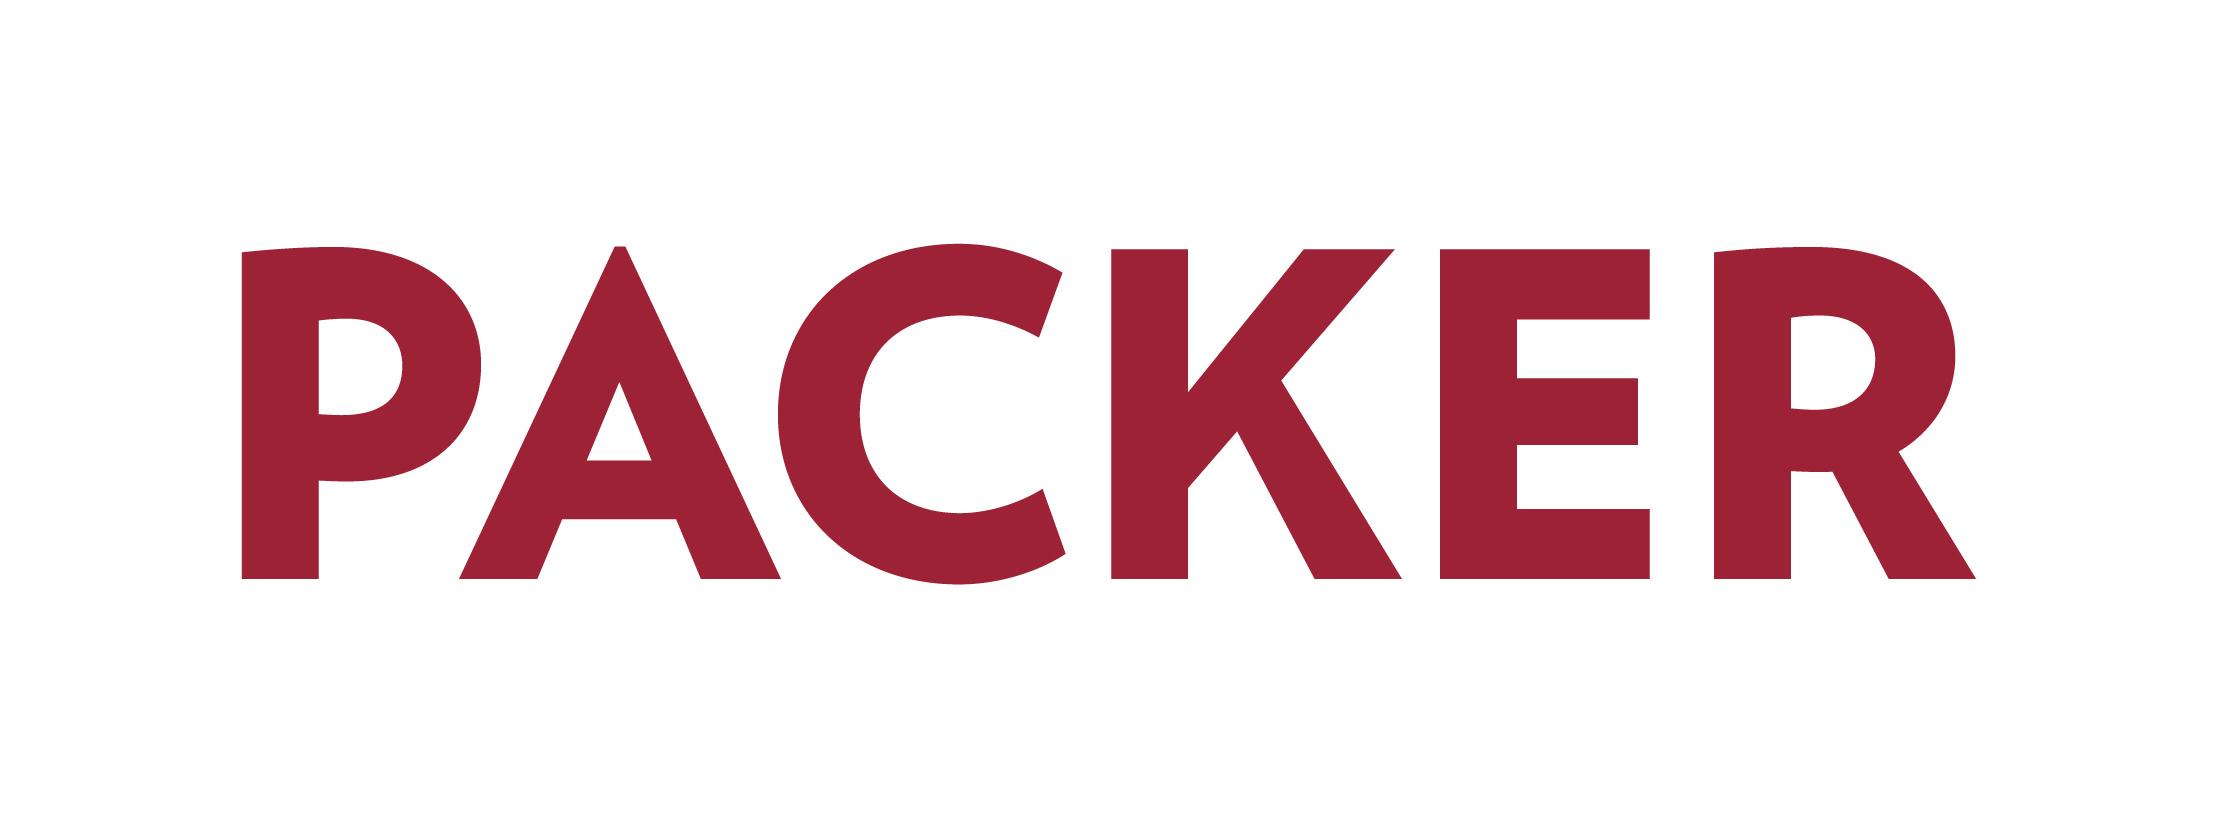 The Packer Collegiate Institute